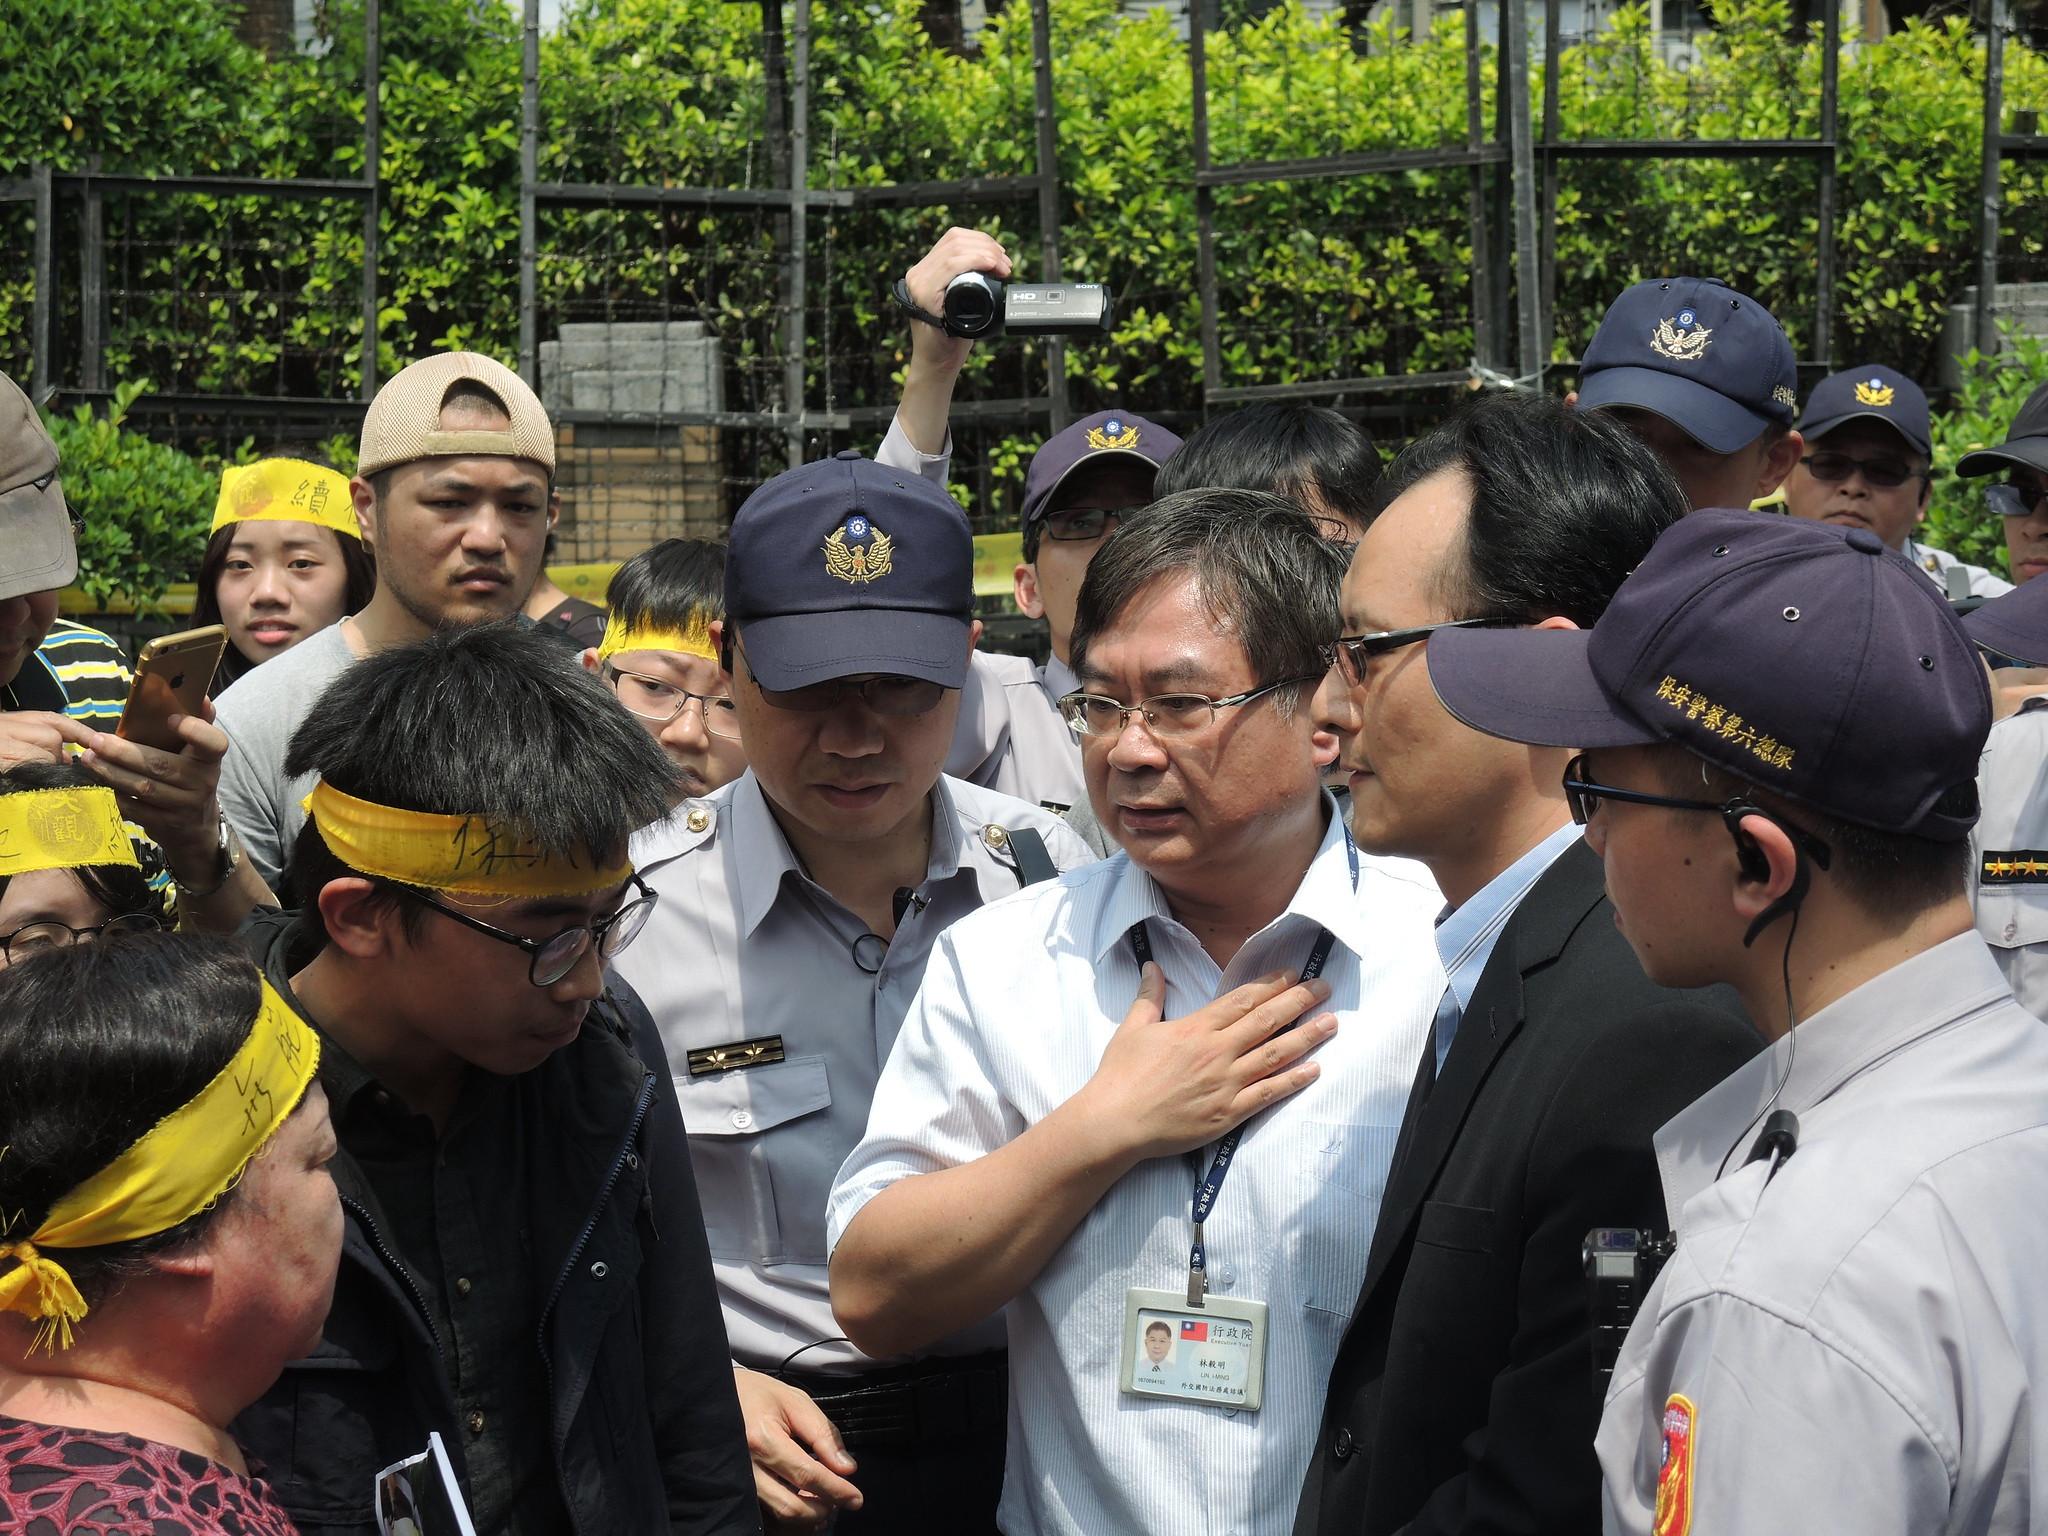 行政院外交國防法務處諮議林毅明出面協調也未果。(攝影:曾福全)